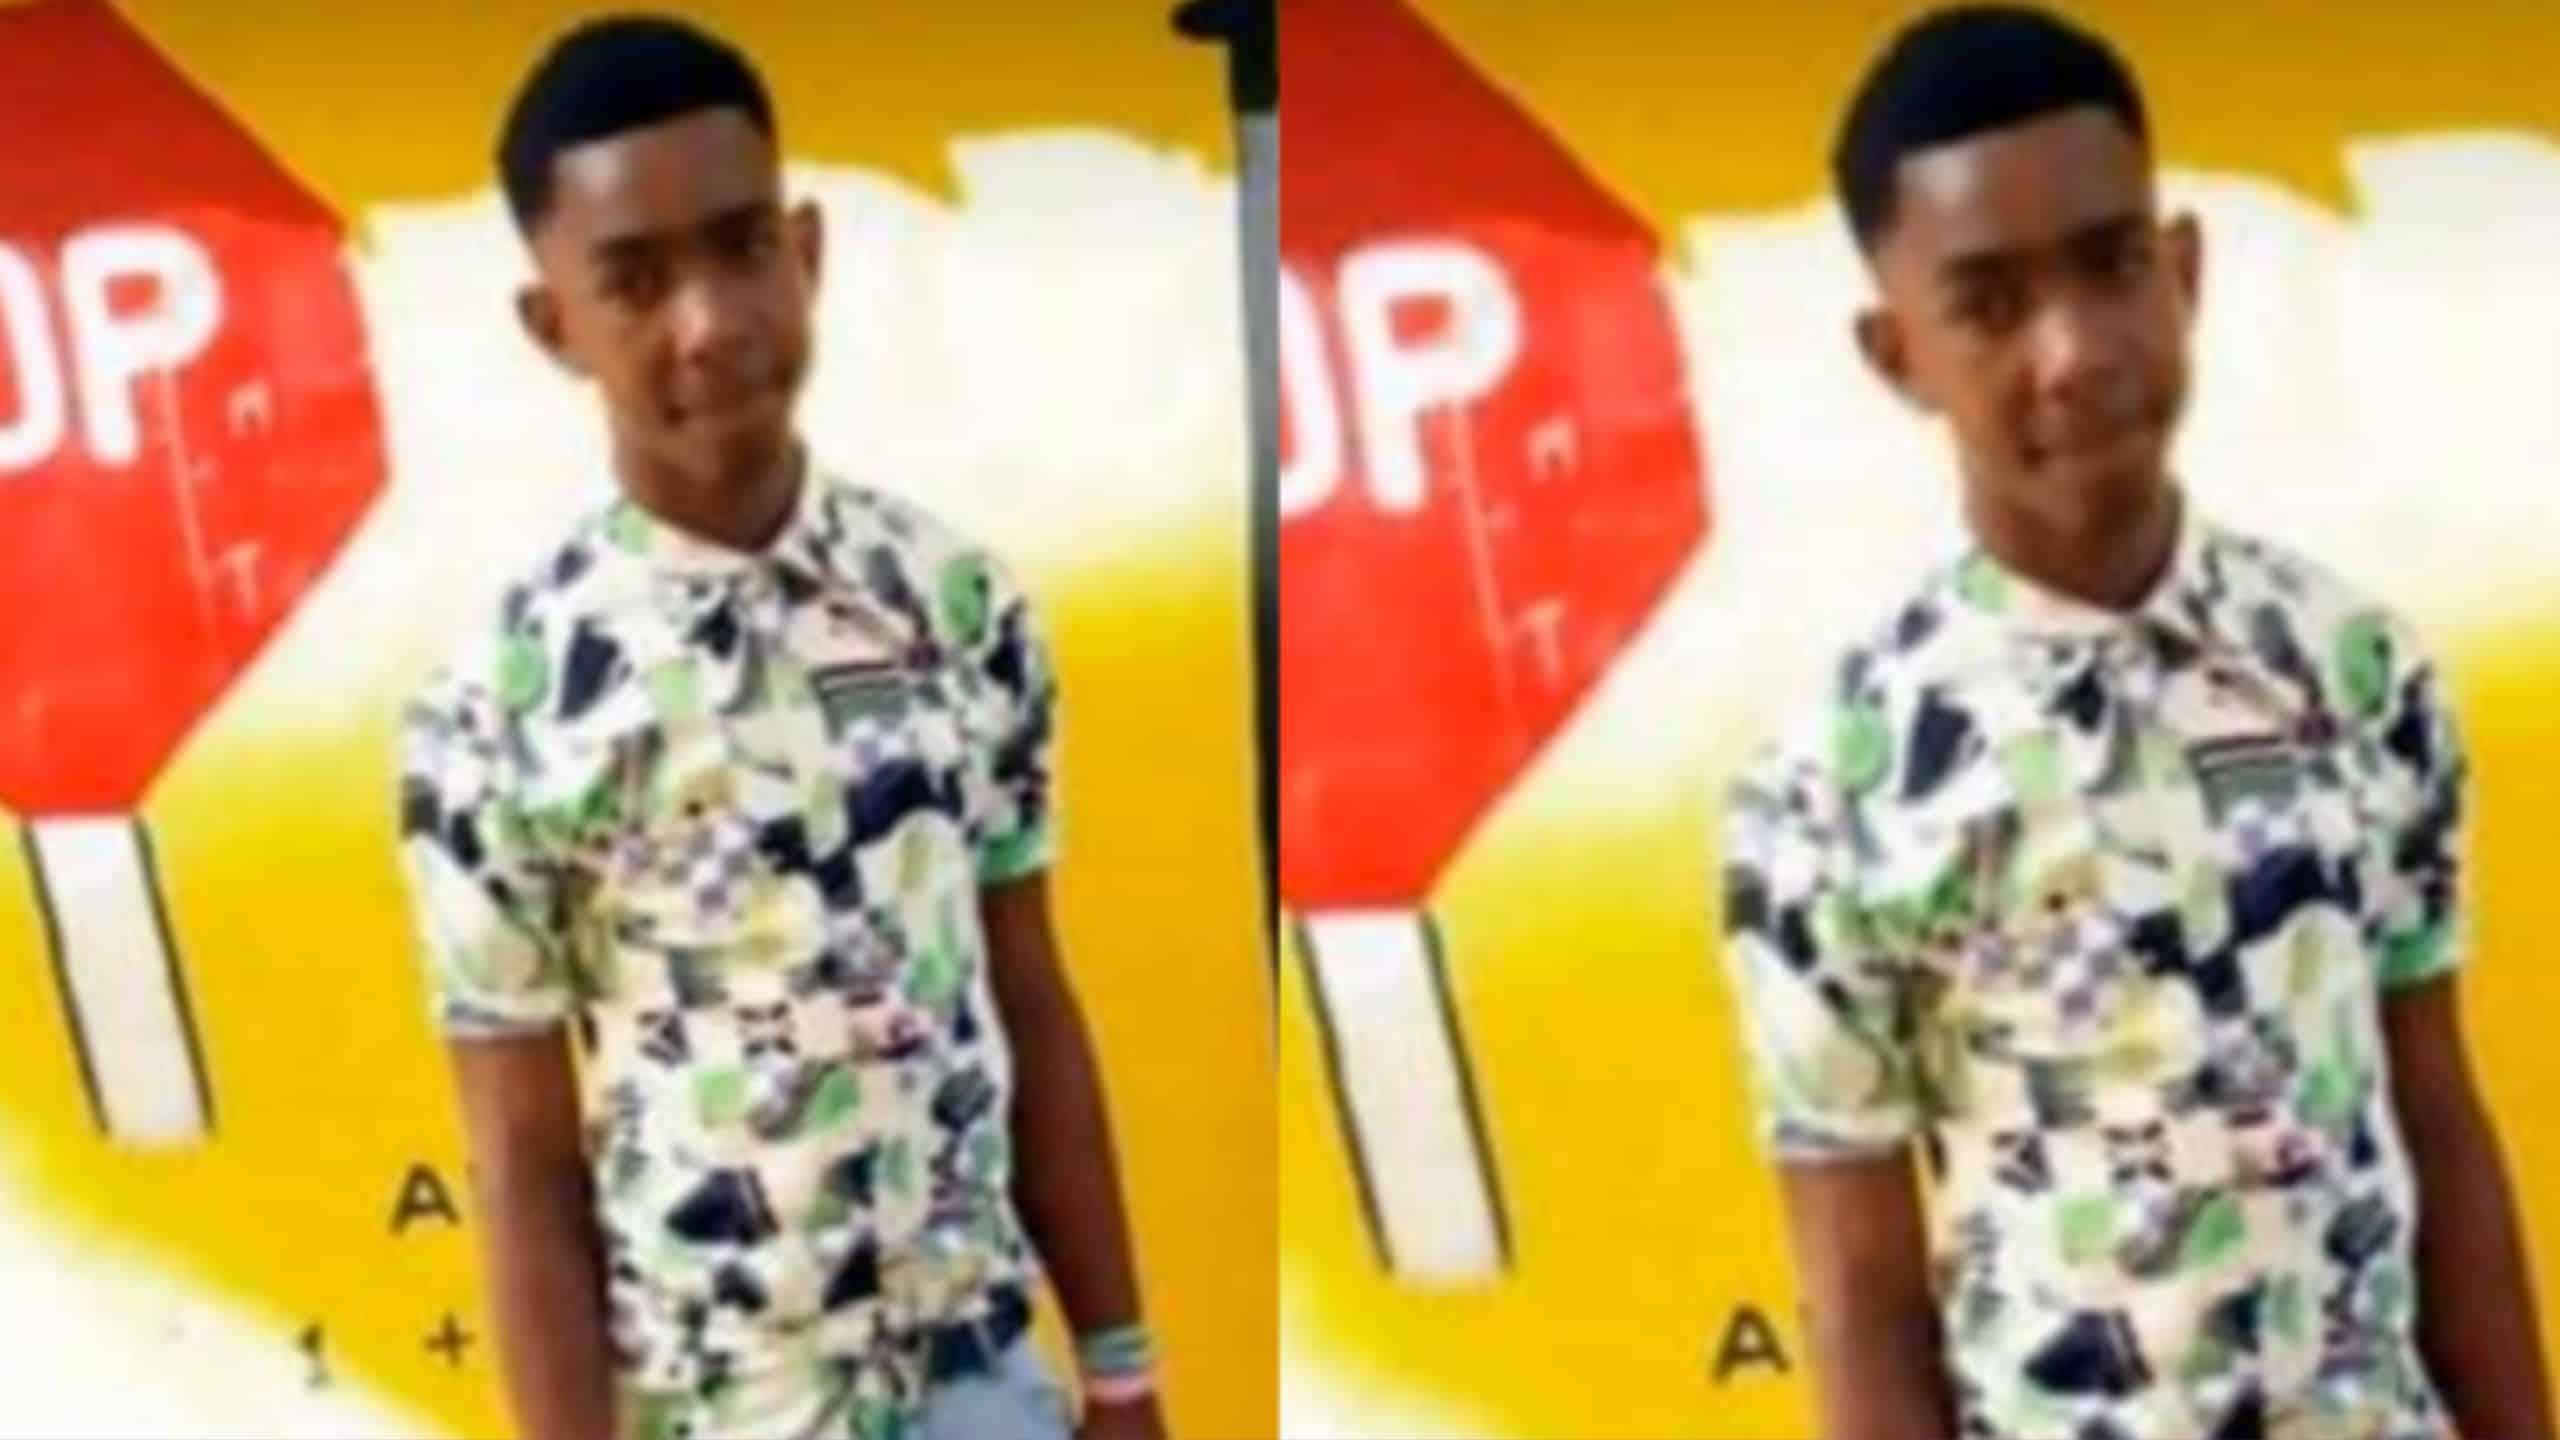 15-year-old Dies From Broken Neck While Fleeing Gun Attack